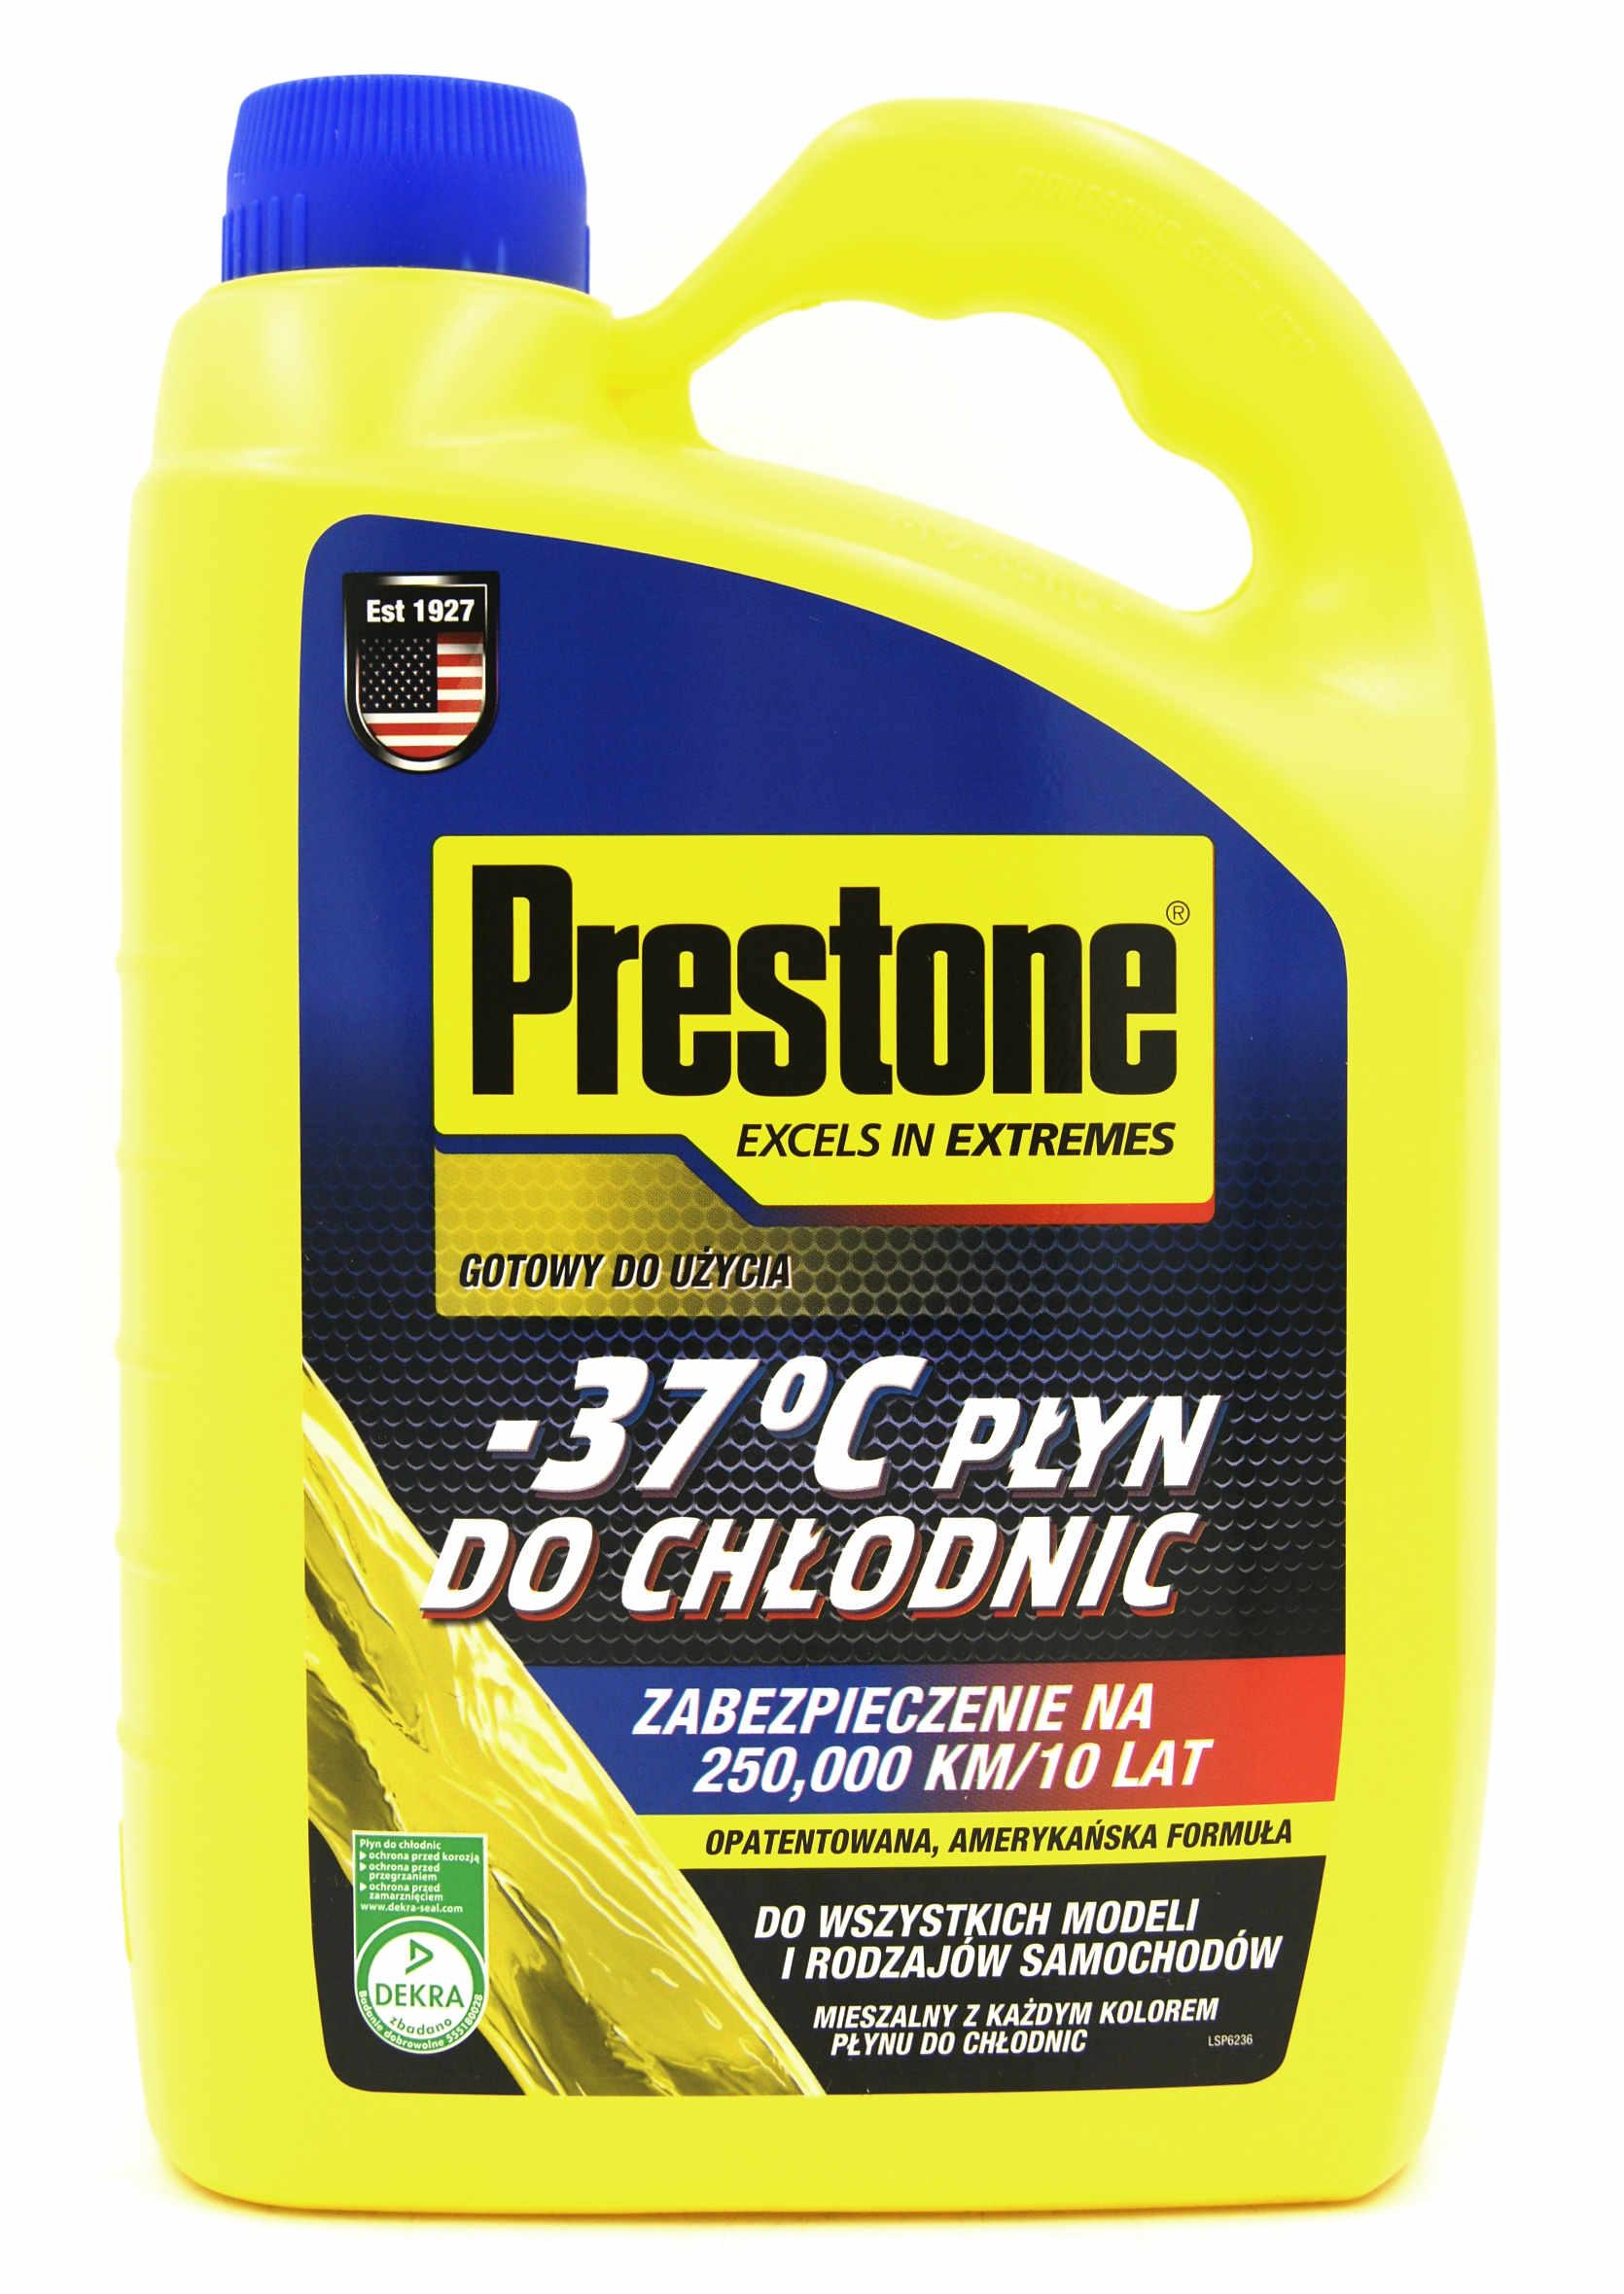 Prestone Płyn do Chłodnic Samochodowych Żółty -37C  G11 G12 4L